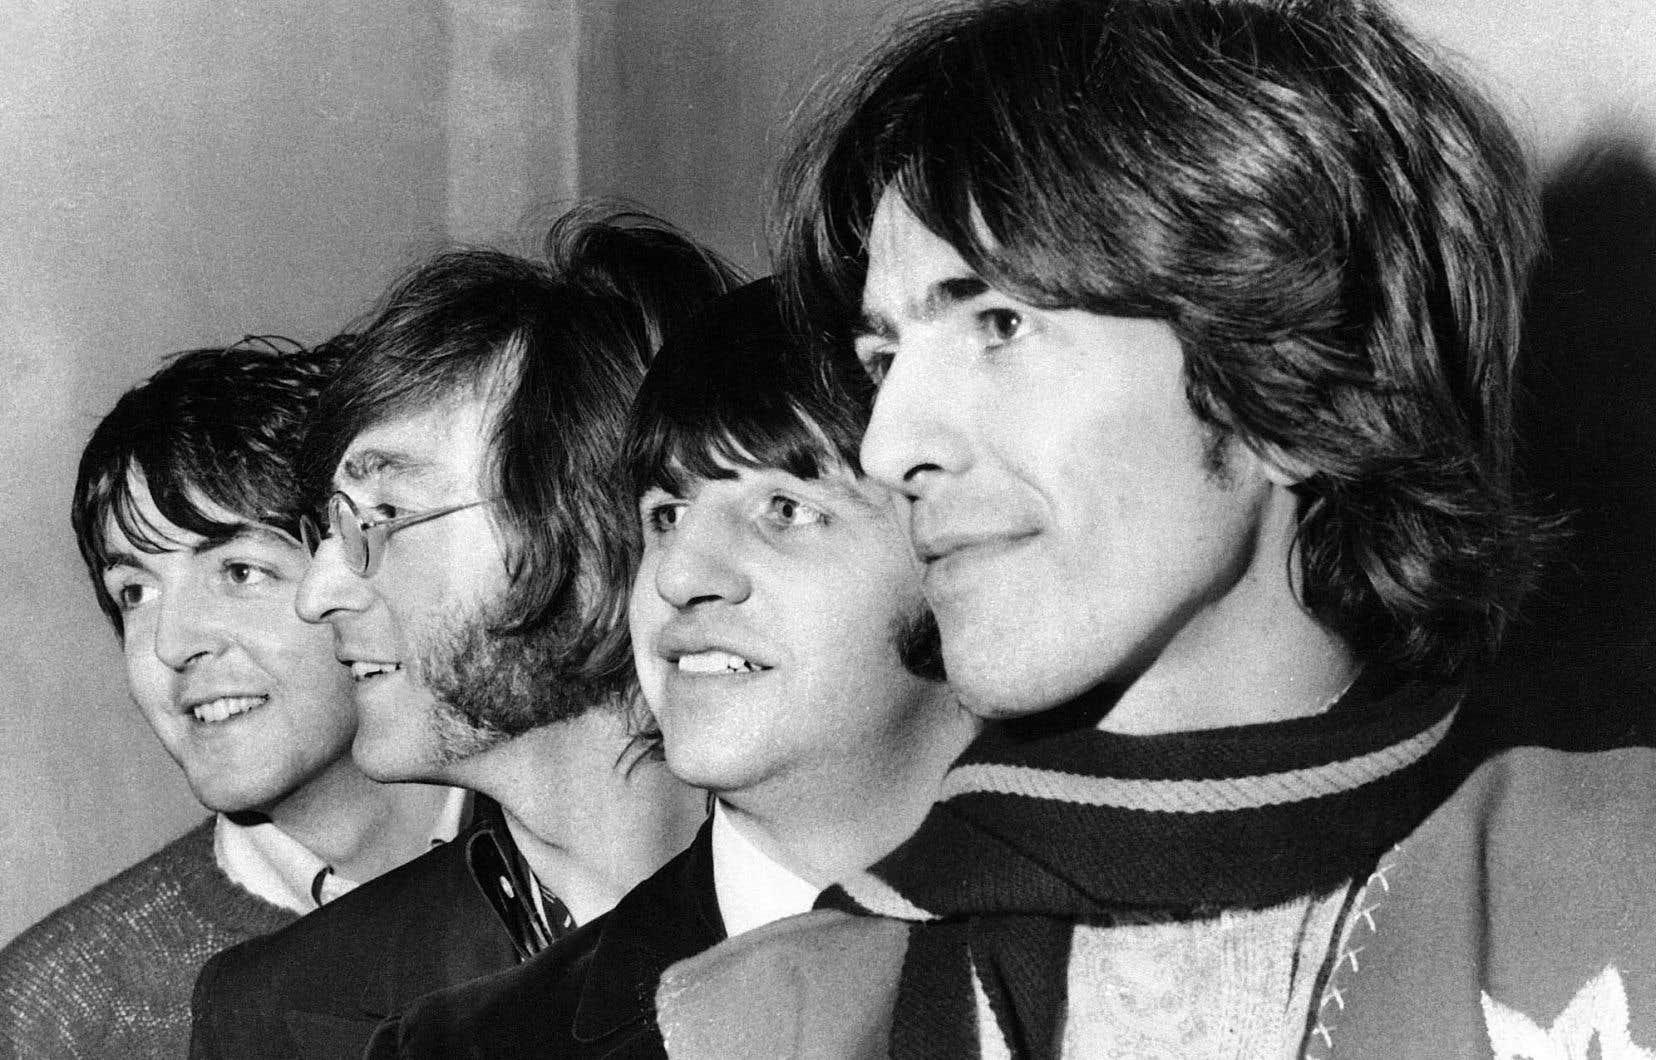 La mythique formation britannique photographiée ici en février 1968, l'année de la sortie du double disque d'abord intitulé The Beatles, puis rebaptisé «The White Album» pour l'éternité